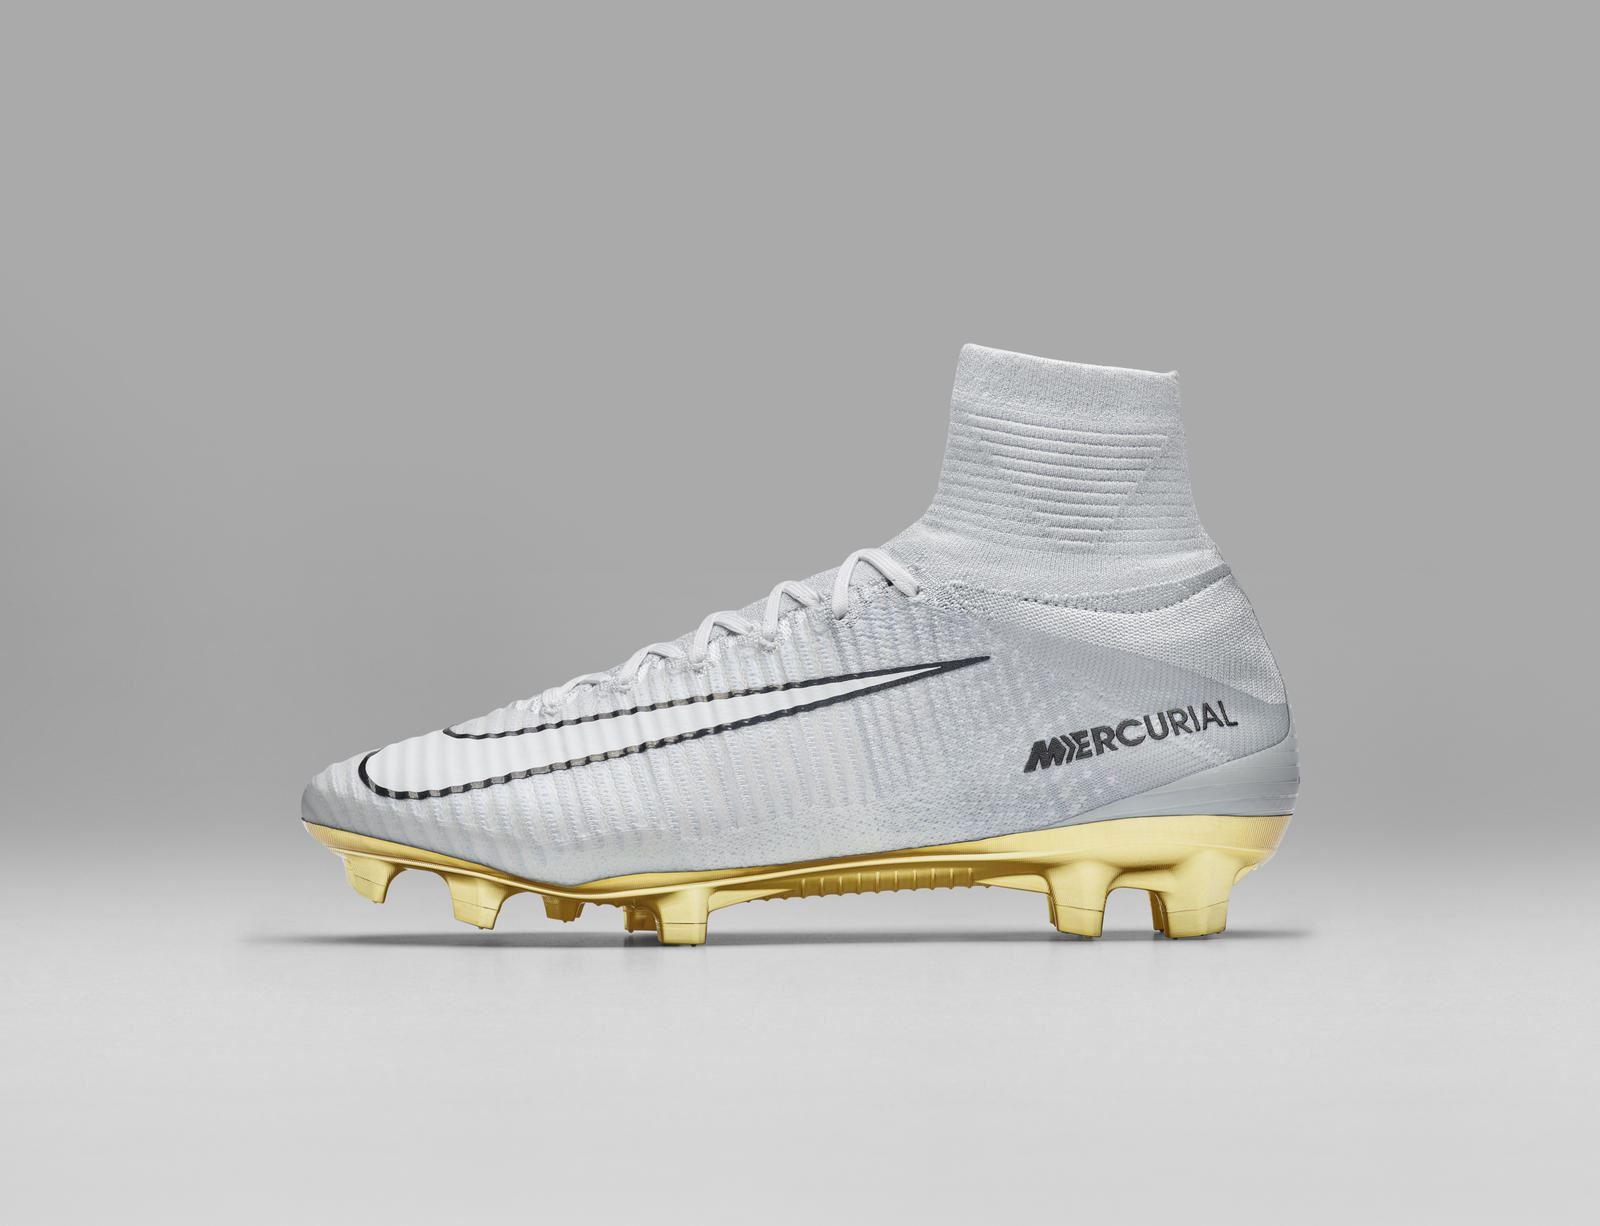 Nike homenageia conquistas de Cristiano Ronaldo com